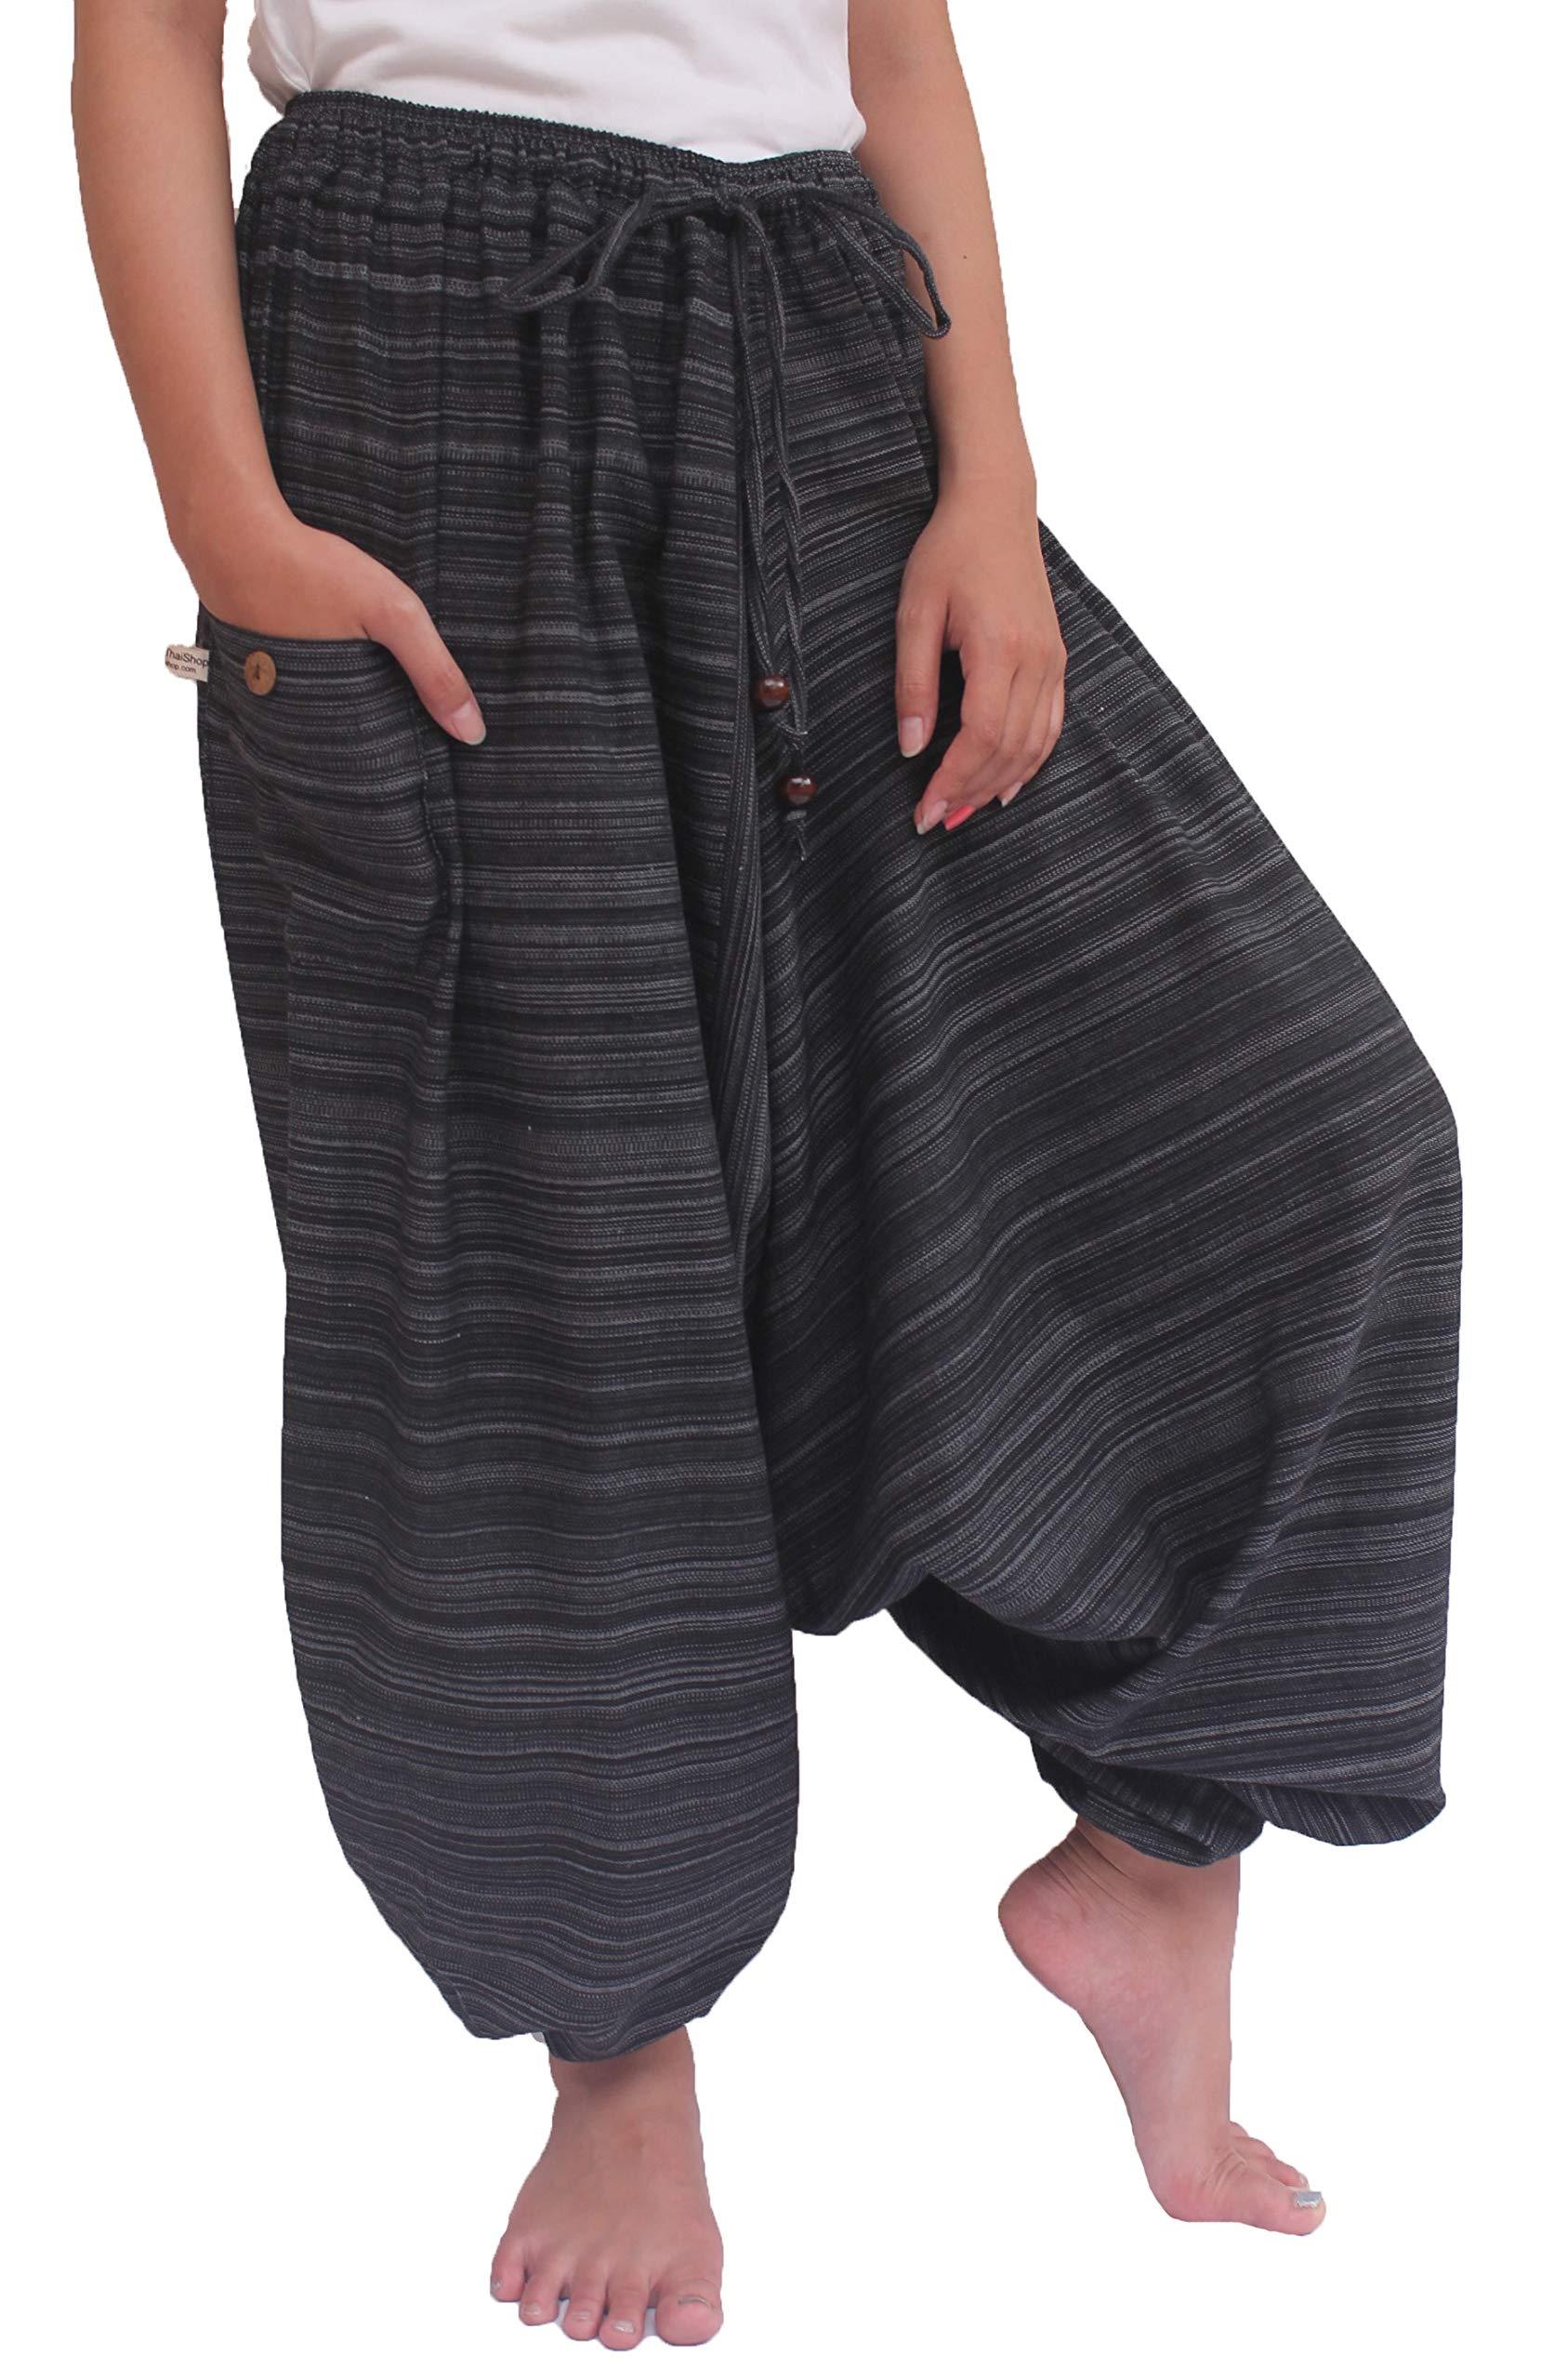 Wynnthaishop'100% Cotton Baggy Boho Aladin Yoga Harem Pants (S-XL for Waist for 26'' - 42'', Dark)